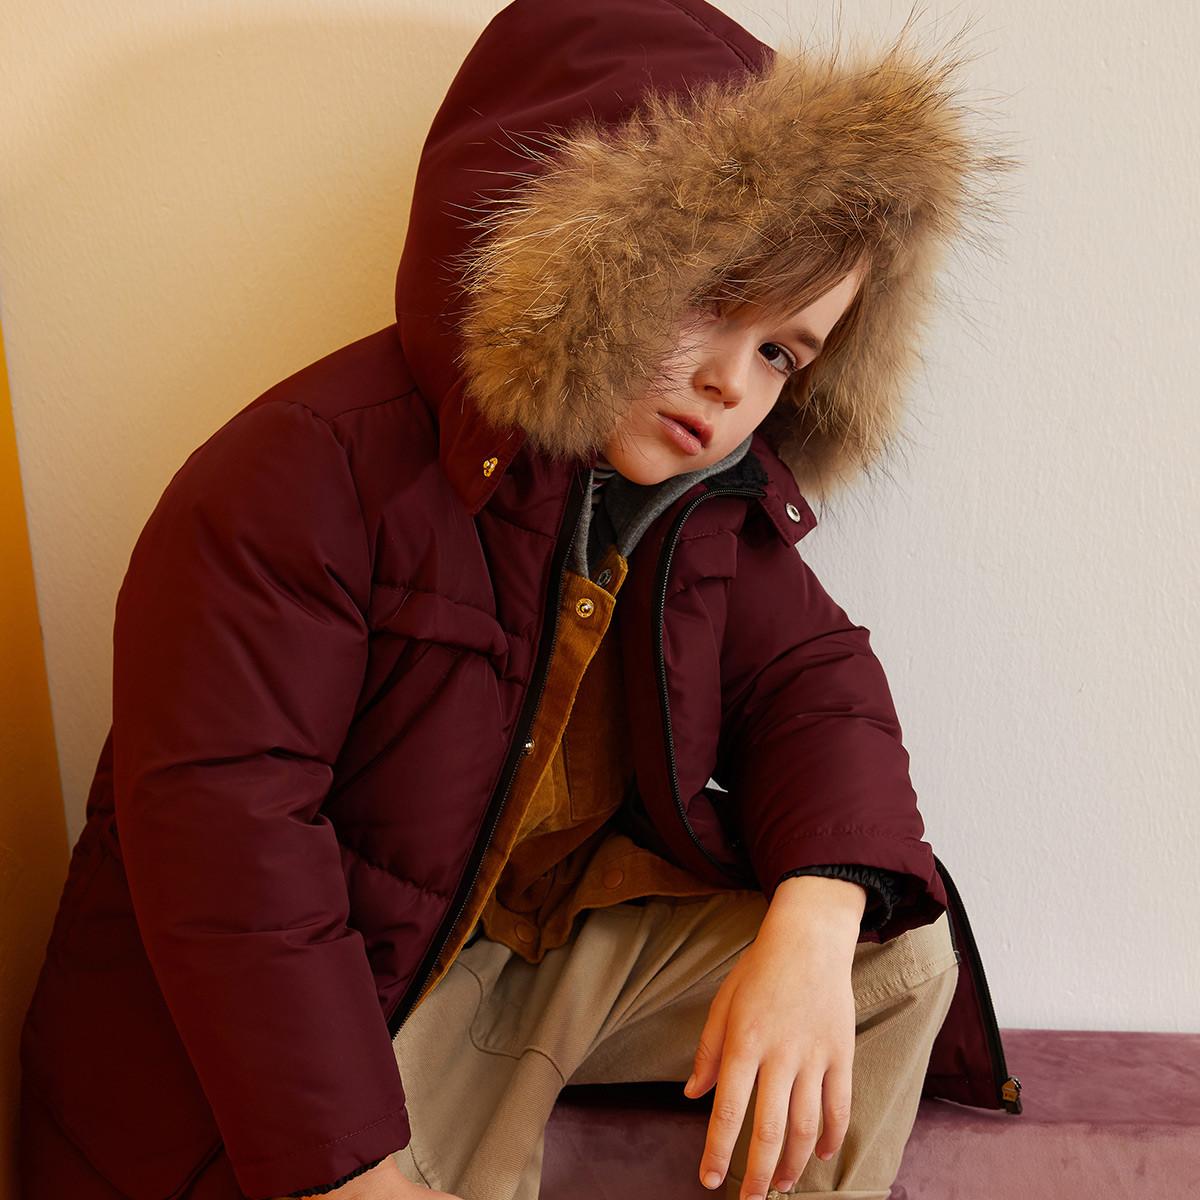 迪迪鹿迪迪鹿冬季新款男童羽绒服保暖男童外套C118413415305